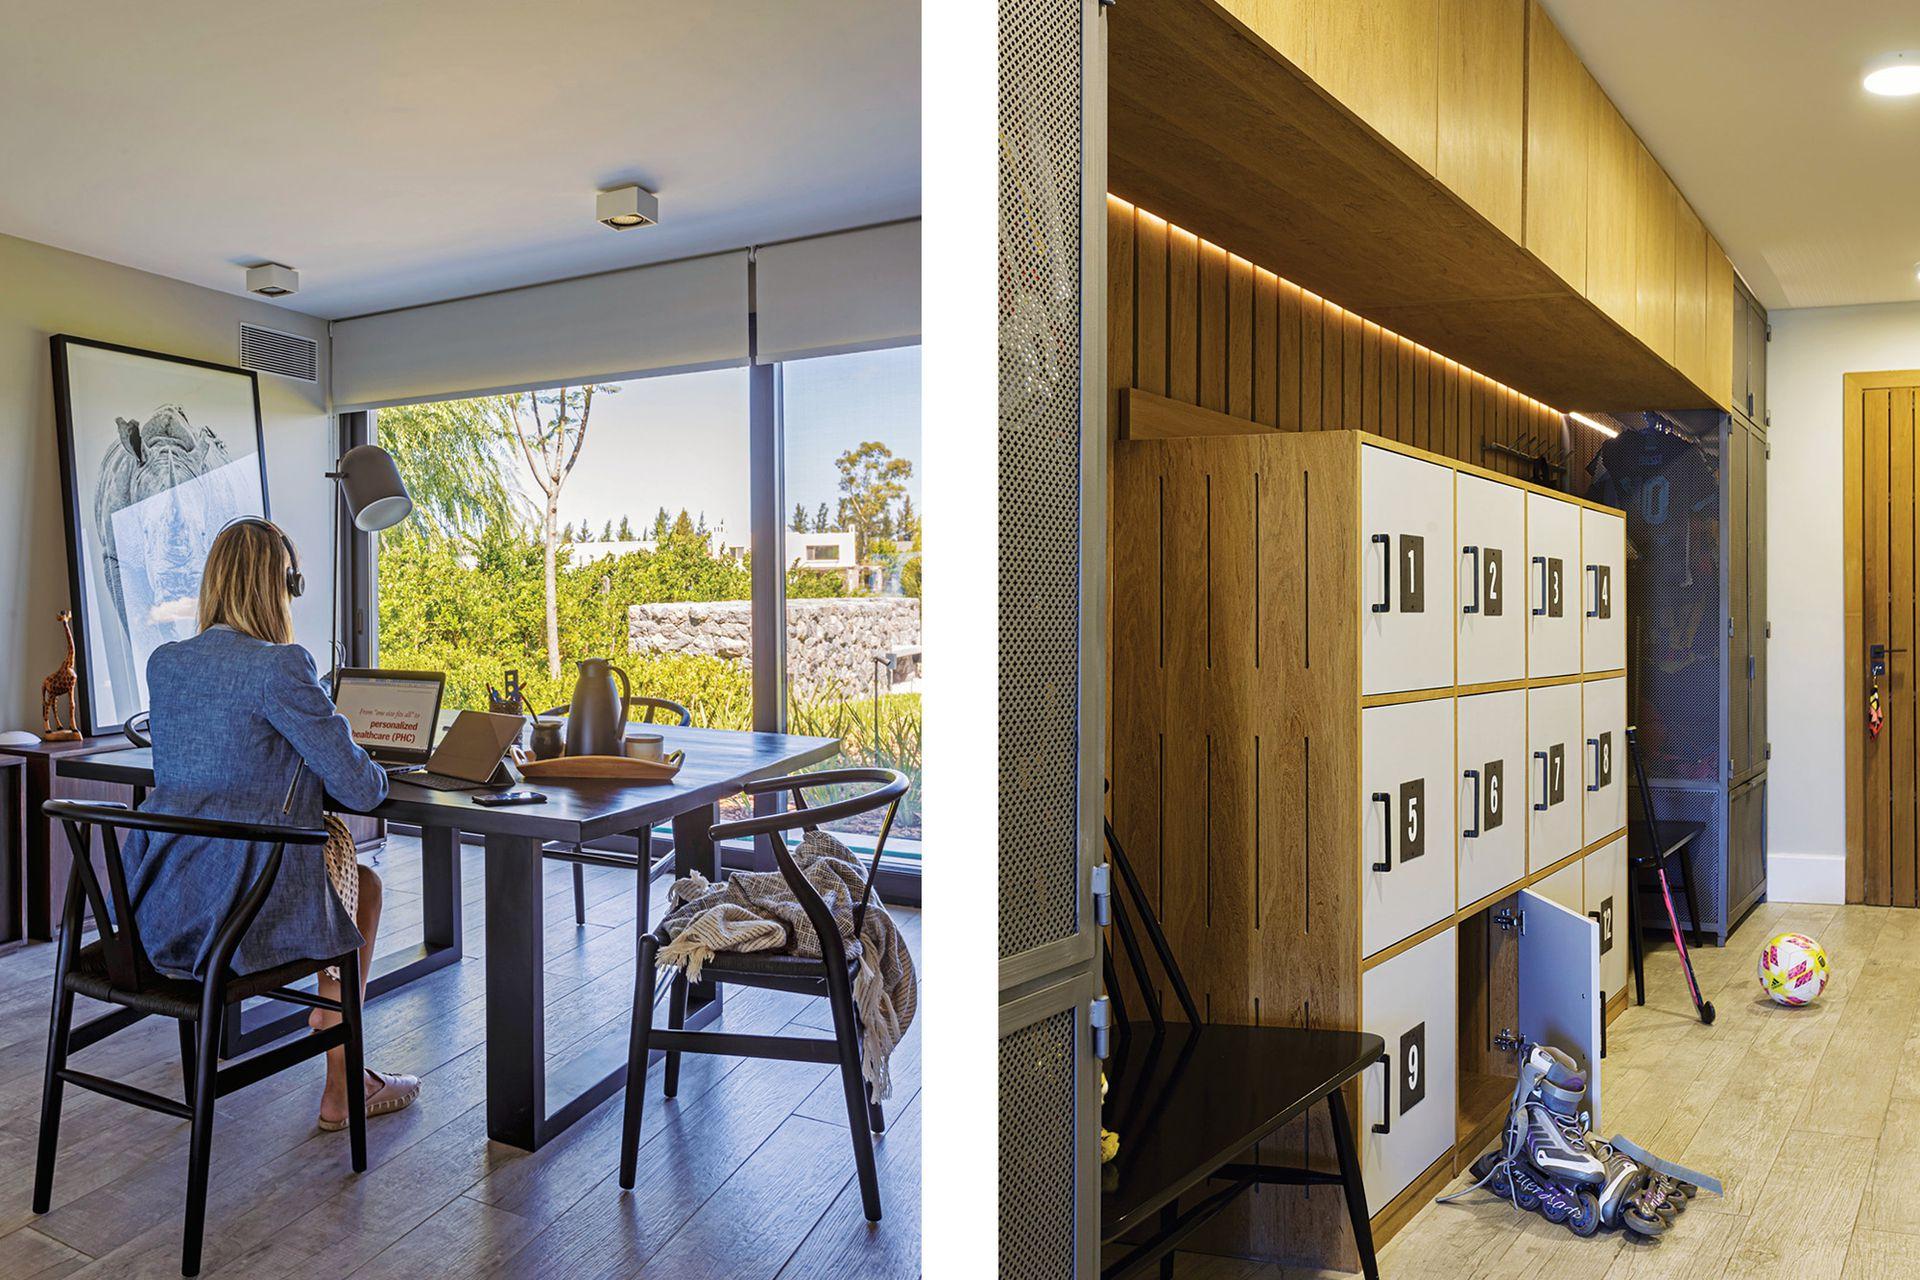 Espacio de home office con fotografía de Agustín Cleris, escritorio laqueado y sillas 'Wishbone' (todo de Negro House Pleasures). Bolsos y complementos quedan en los lockers (Valeria Berney) del hall secundario.